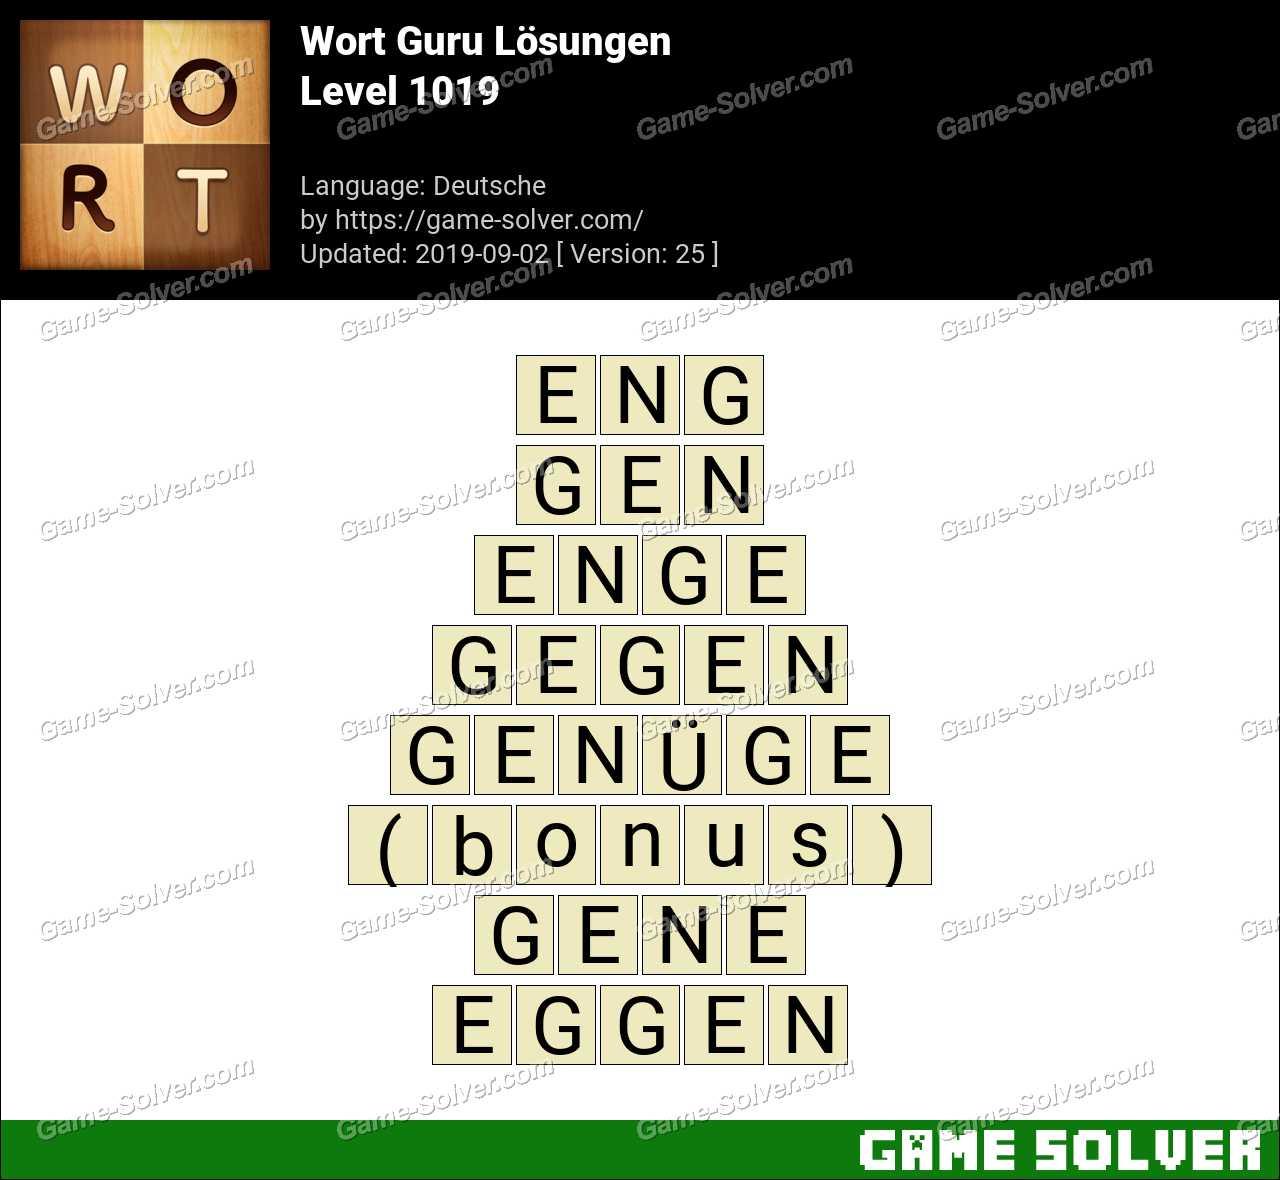 Wort Guru Level 1019 Lösungen